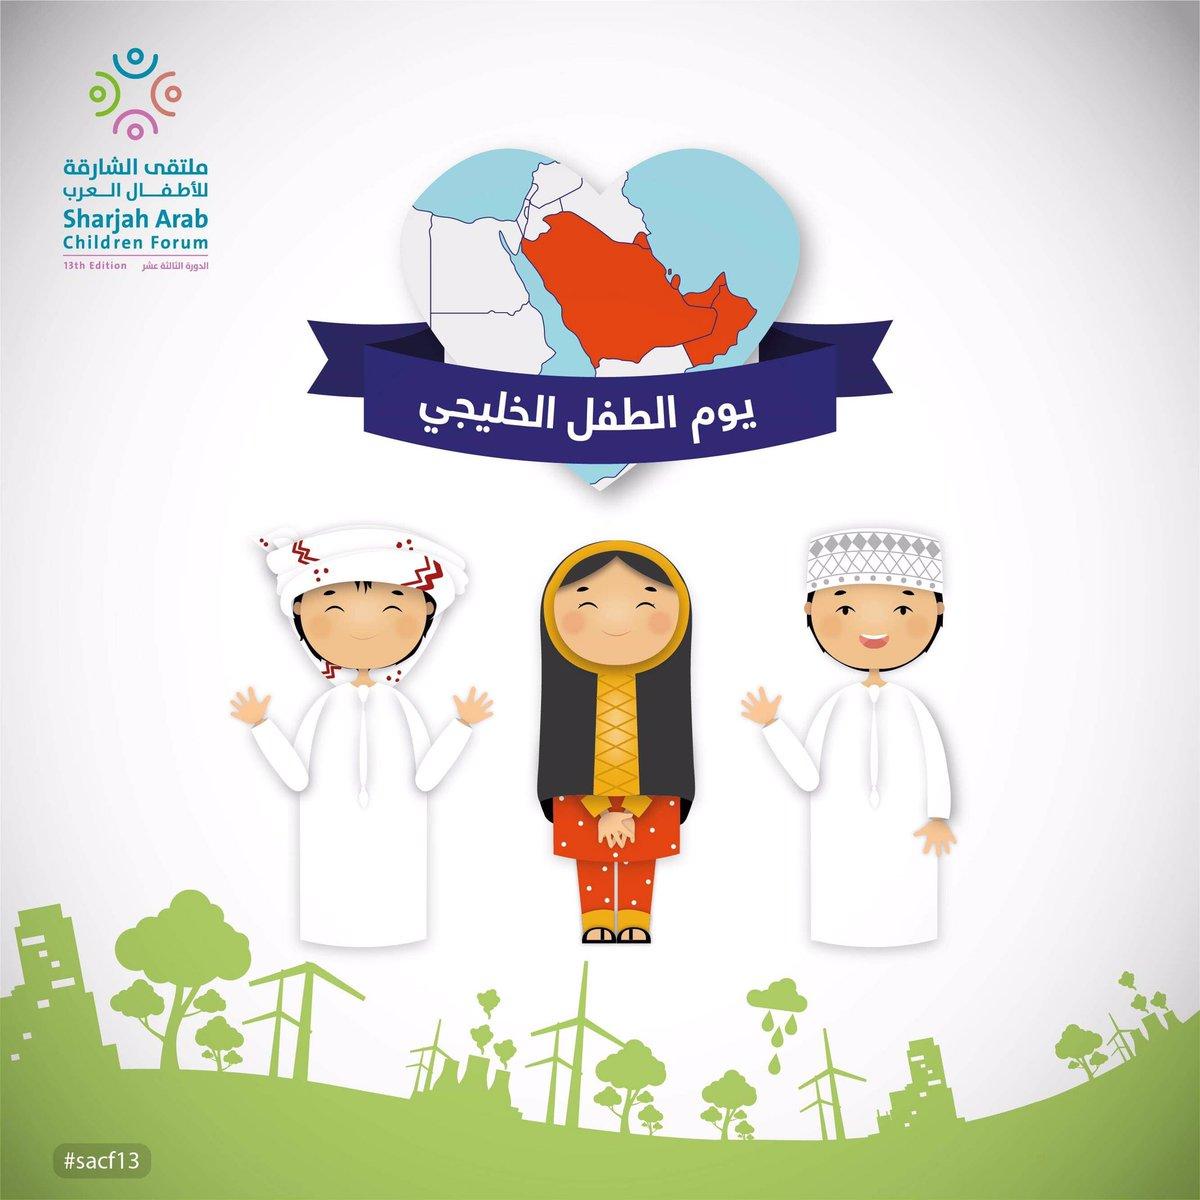 أطفالنا .. بهجة الحاضر .. عماد المستقبل.. #يوم_الطفل_الخليجي #15يناير @RQSharjah  #rqsharjah  #rubuqarn  #ربع_قرن  #ربع_قرن_الشارقة  #أطفال_الشارقة #SharjahChildren #الشارقة #الإمارات #sharjah #uae 🇦🇪 https://t.co/1CAxvMaqXU